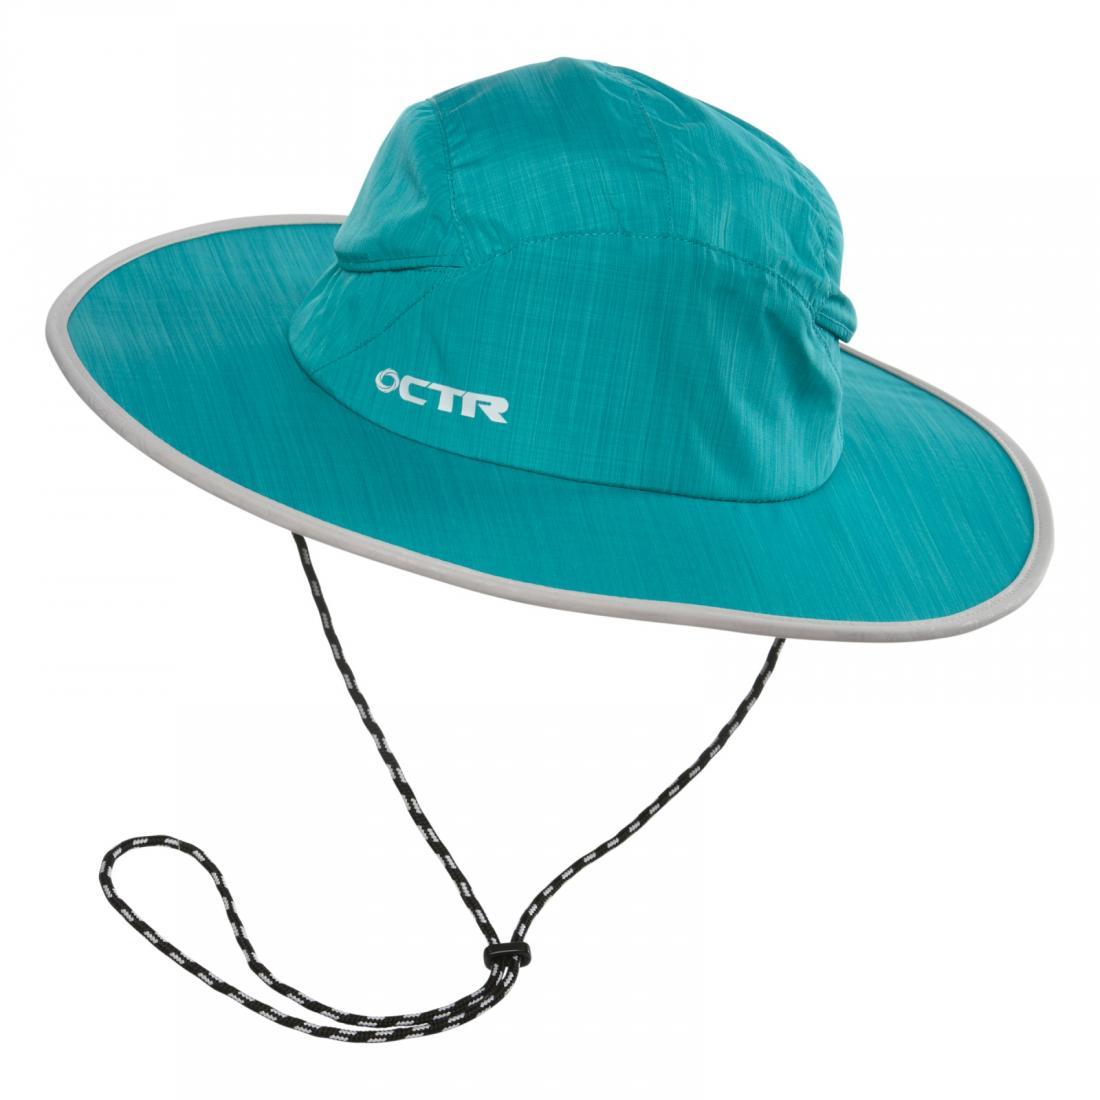 Панама Chaos  Stratus SombreroПанамы<br><br> В путешествии, в походе или в длительной прогулке сложно обойтись без удобной панамы, такой как Chaos Stratus Sombrero. Эта широкополая шляпа служ...<br><br>Цвет: Голубой<br>Размер: L-XL